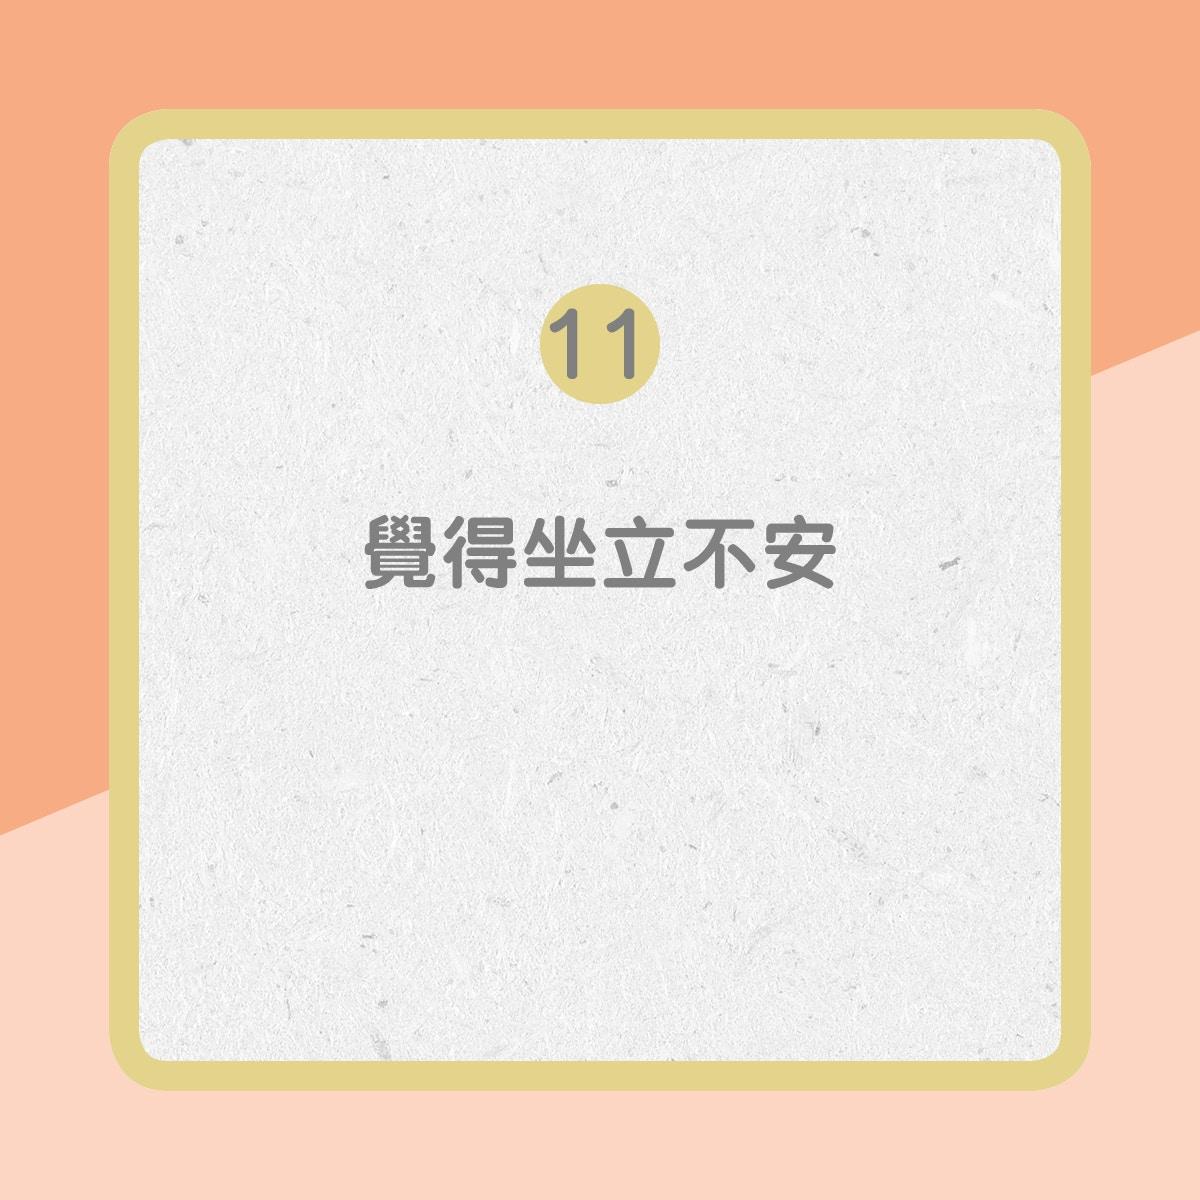 【心臟衰竭病徵】11. 覺得坐立不安(01製圖)